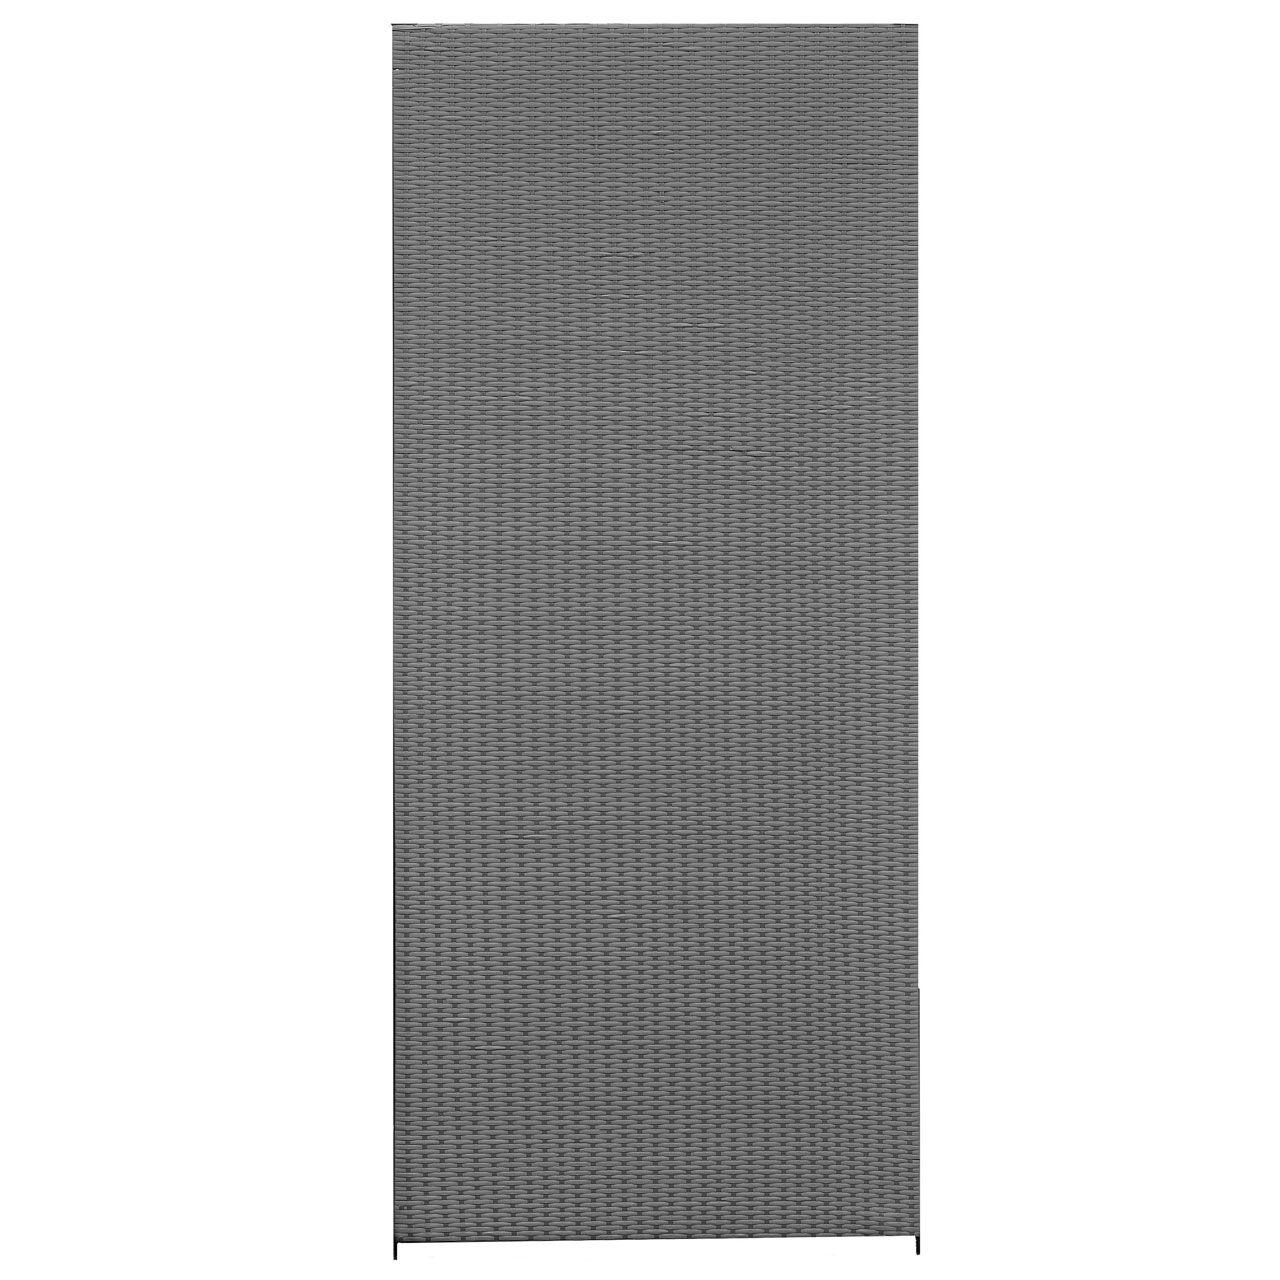 Sichtschutzwand Kunststoff Geflecht grau